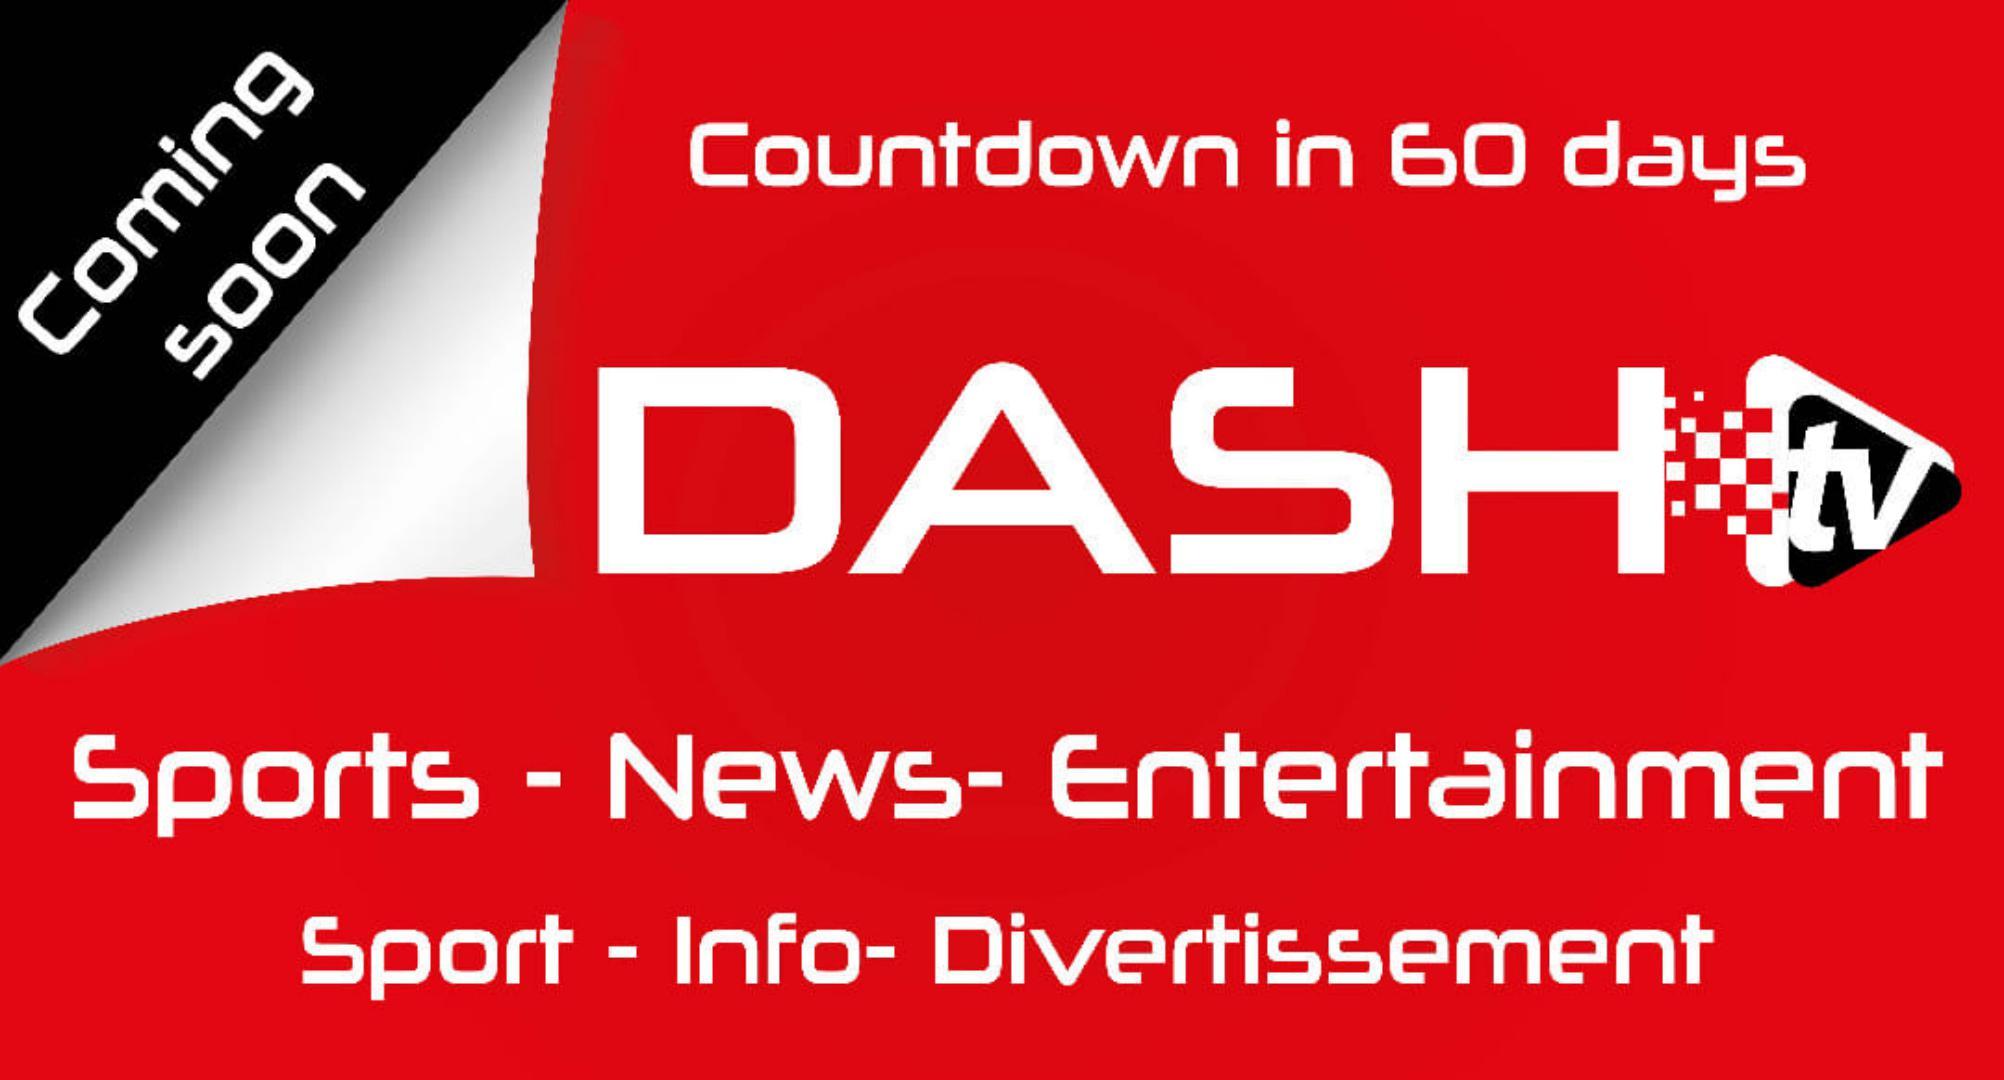 Dash Infos, Dash Sports et Dash TV font leur entrée dans le paysage audiovisuel camerounais